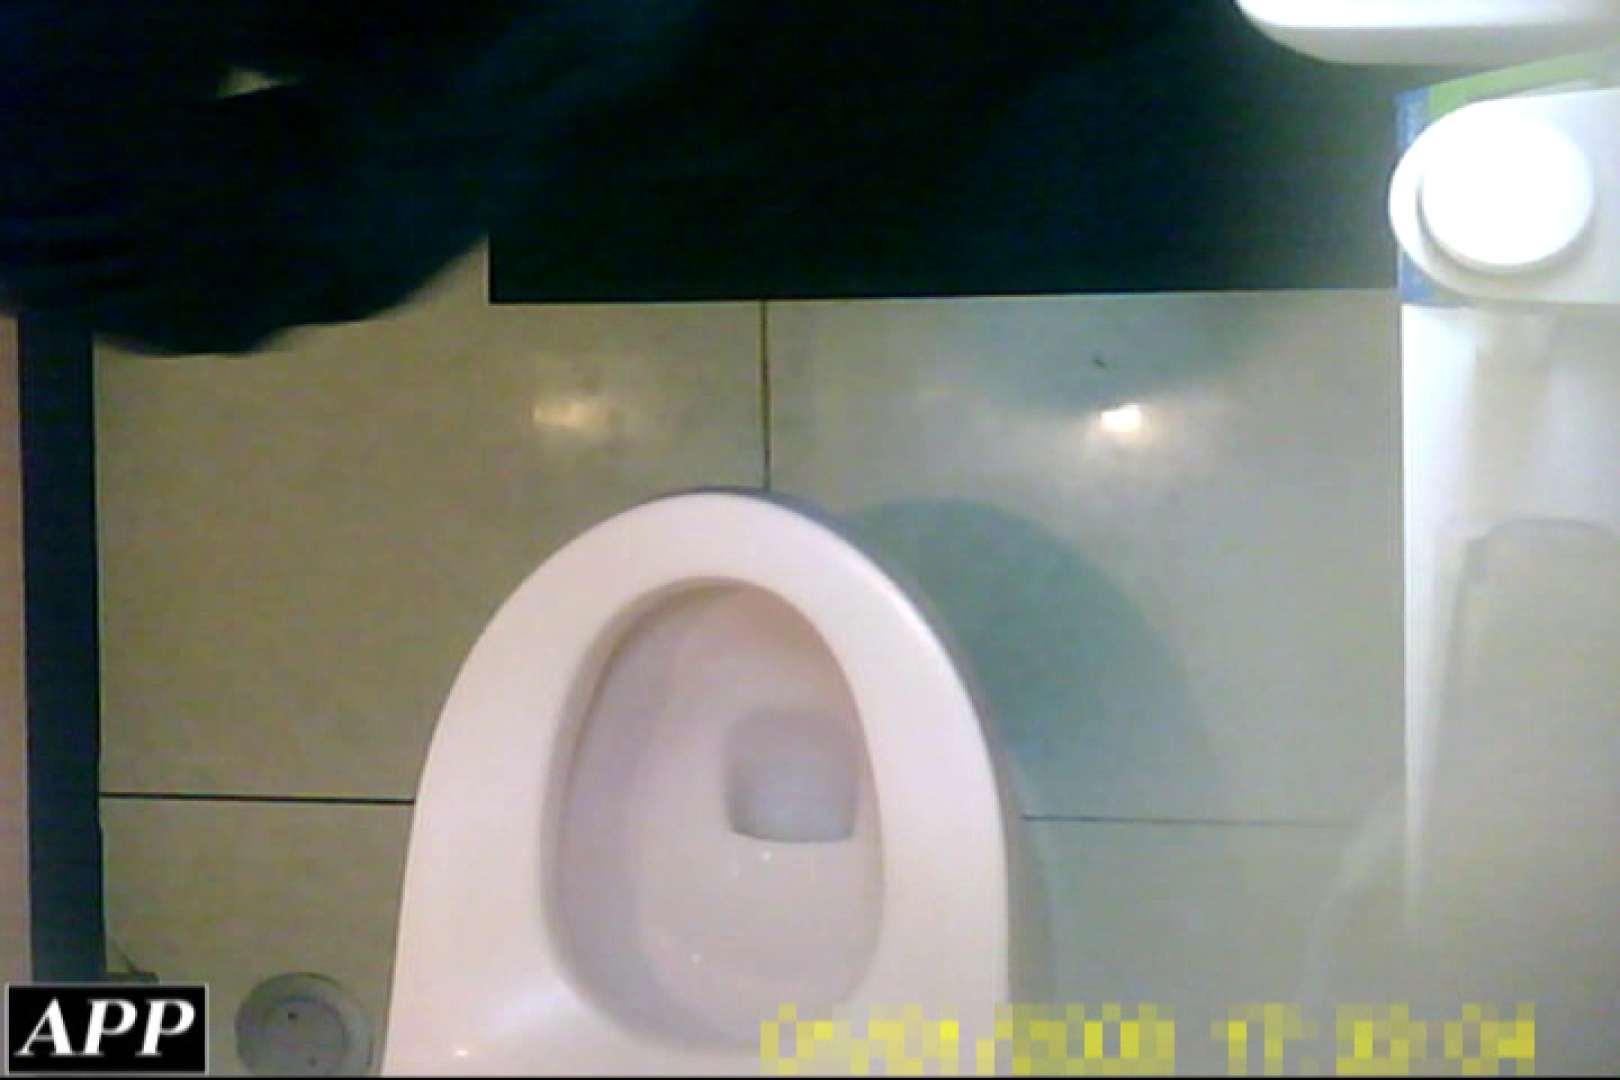 3視点洗面所 vol.19 女体盗撮 盗み撮りAV無料動画キャプチャ 70連発 68